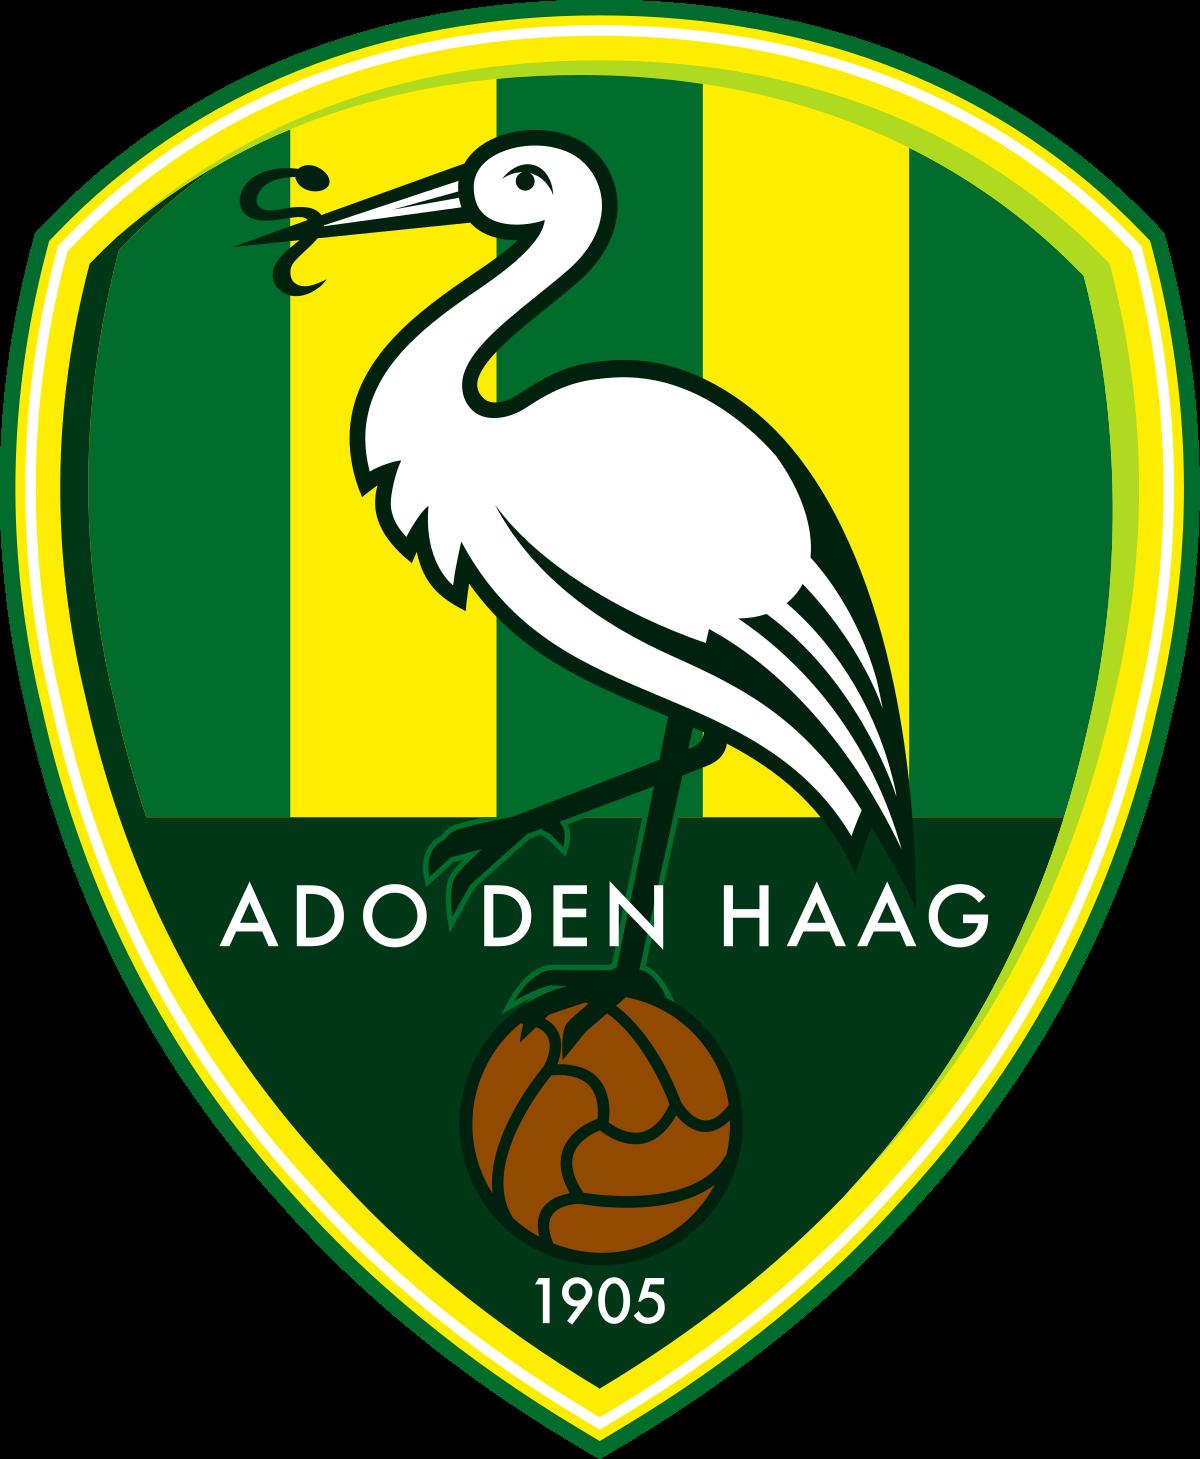 ADO Den Haag U-19 logo